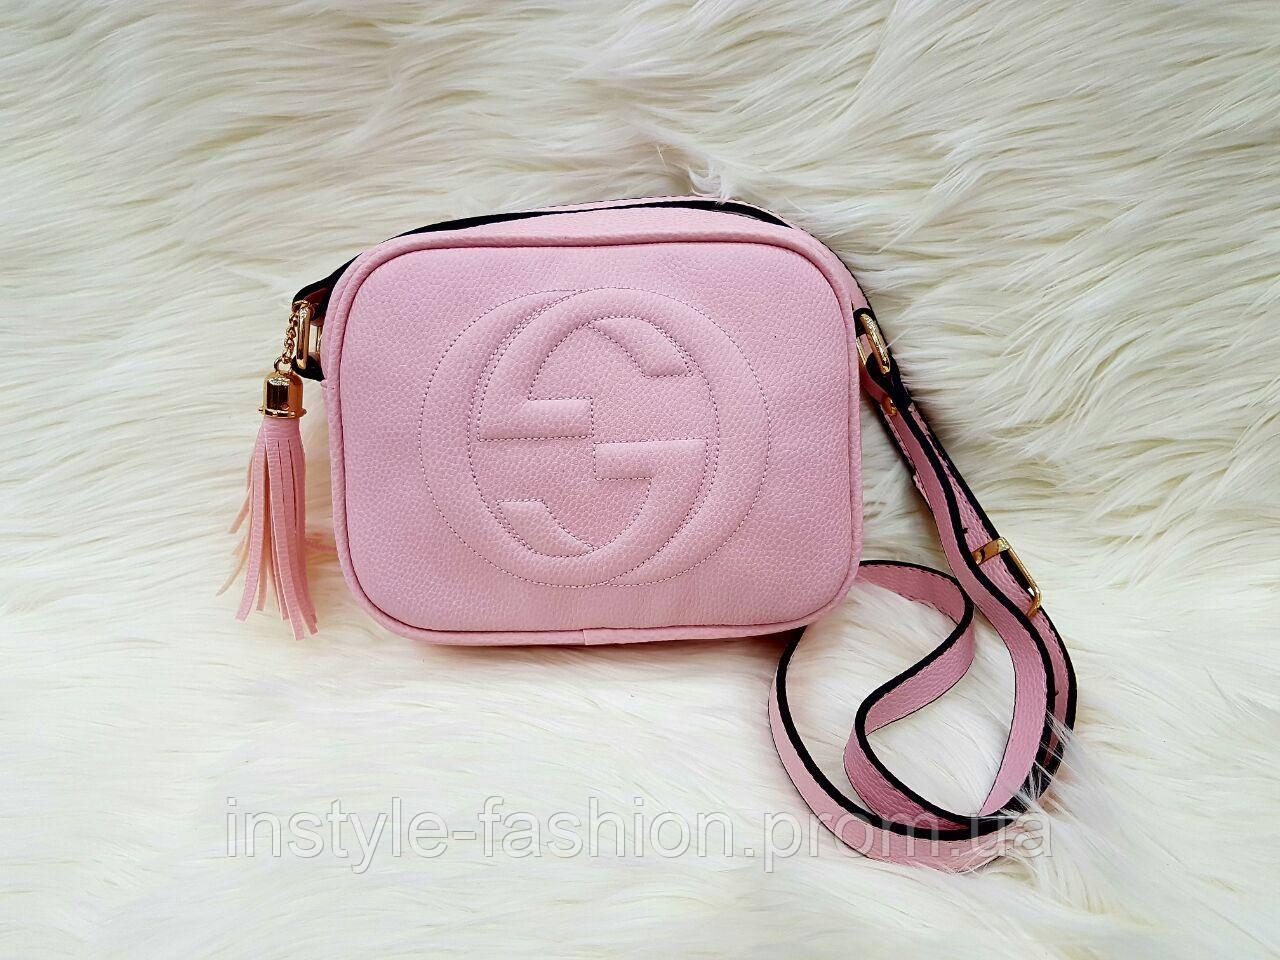 Сумка клатч через плечо Gucci Гуччи розовая - Сумки брендовые, кошельки,  очки, женская adee6ef3dfe